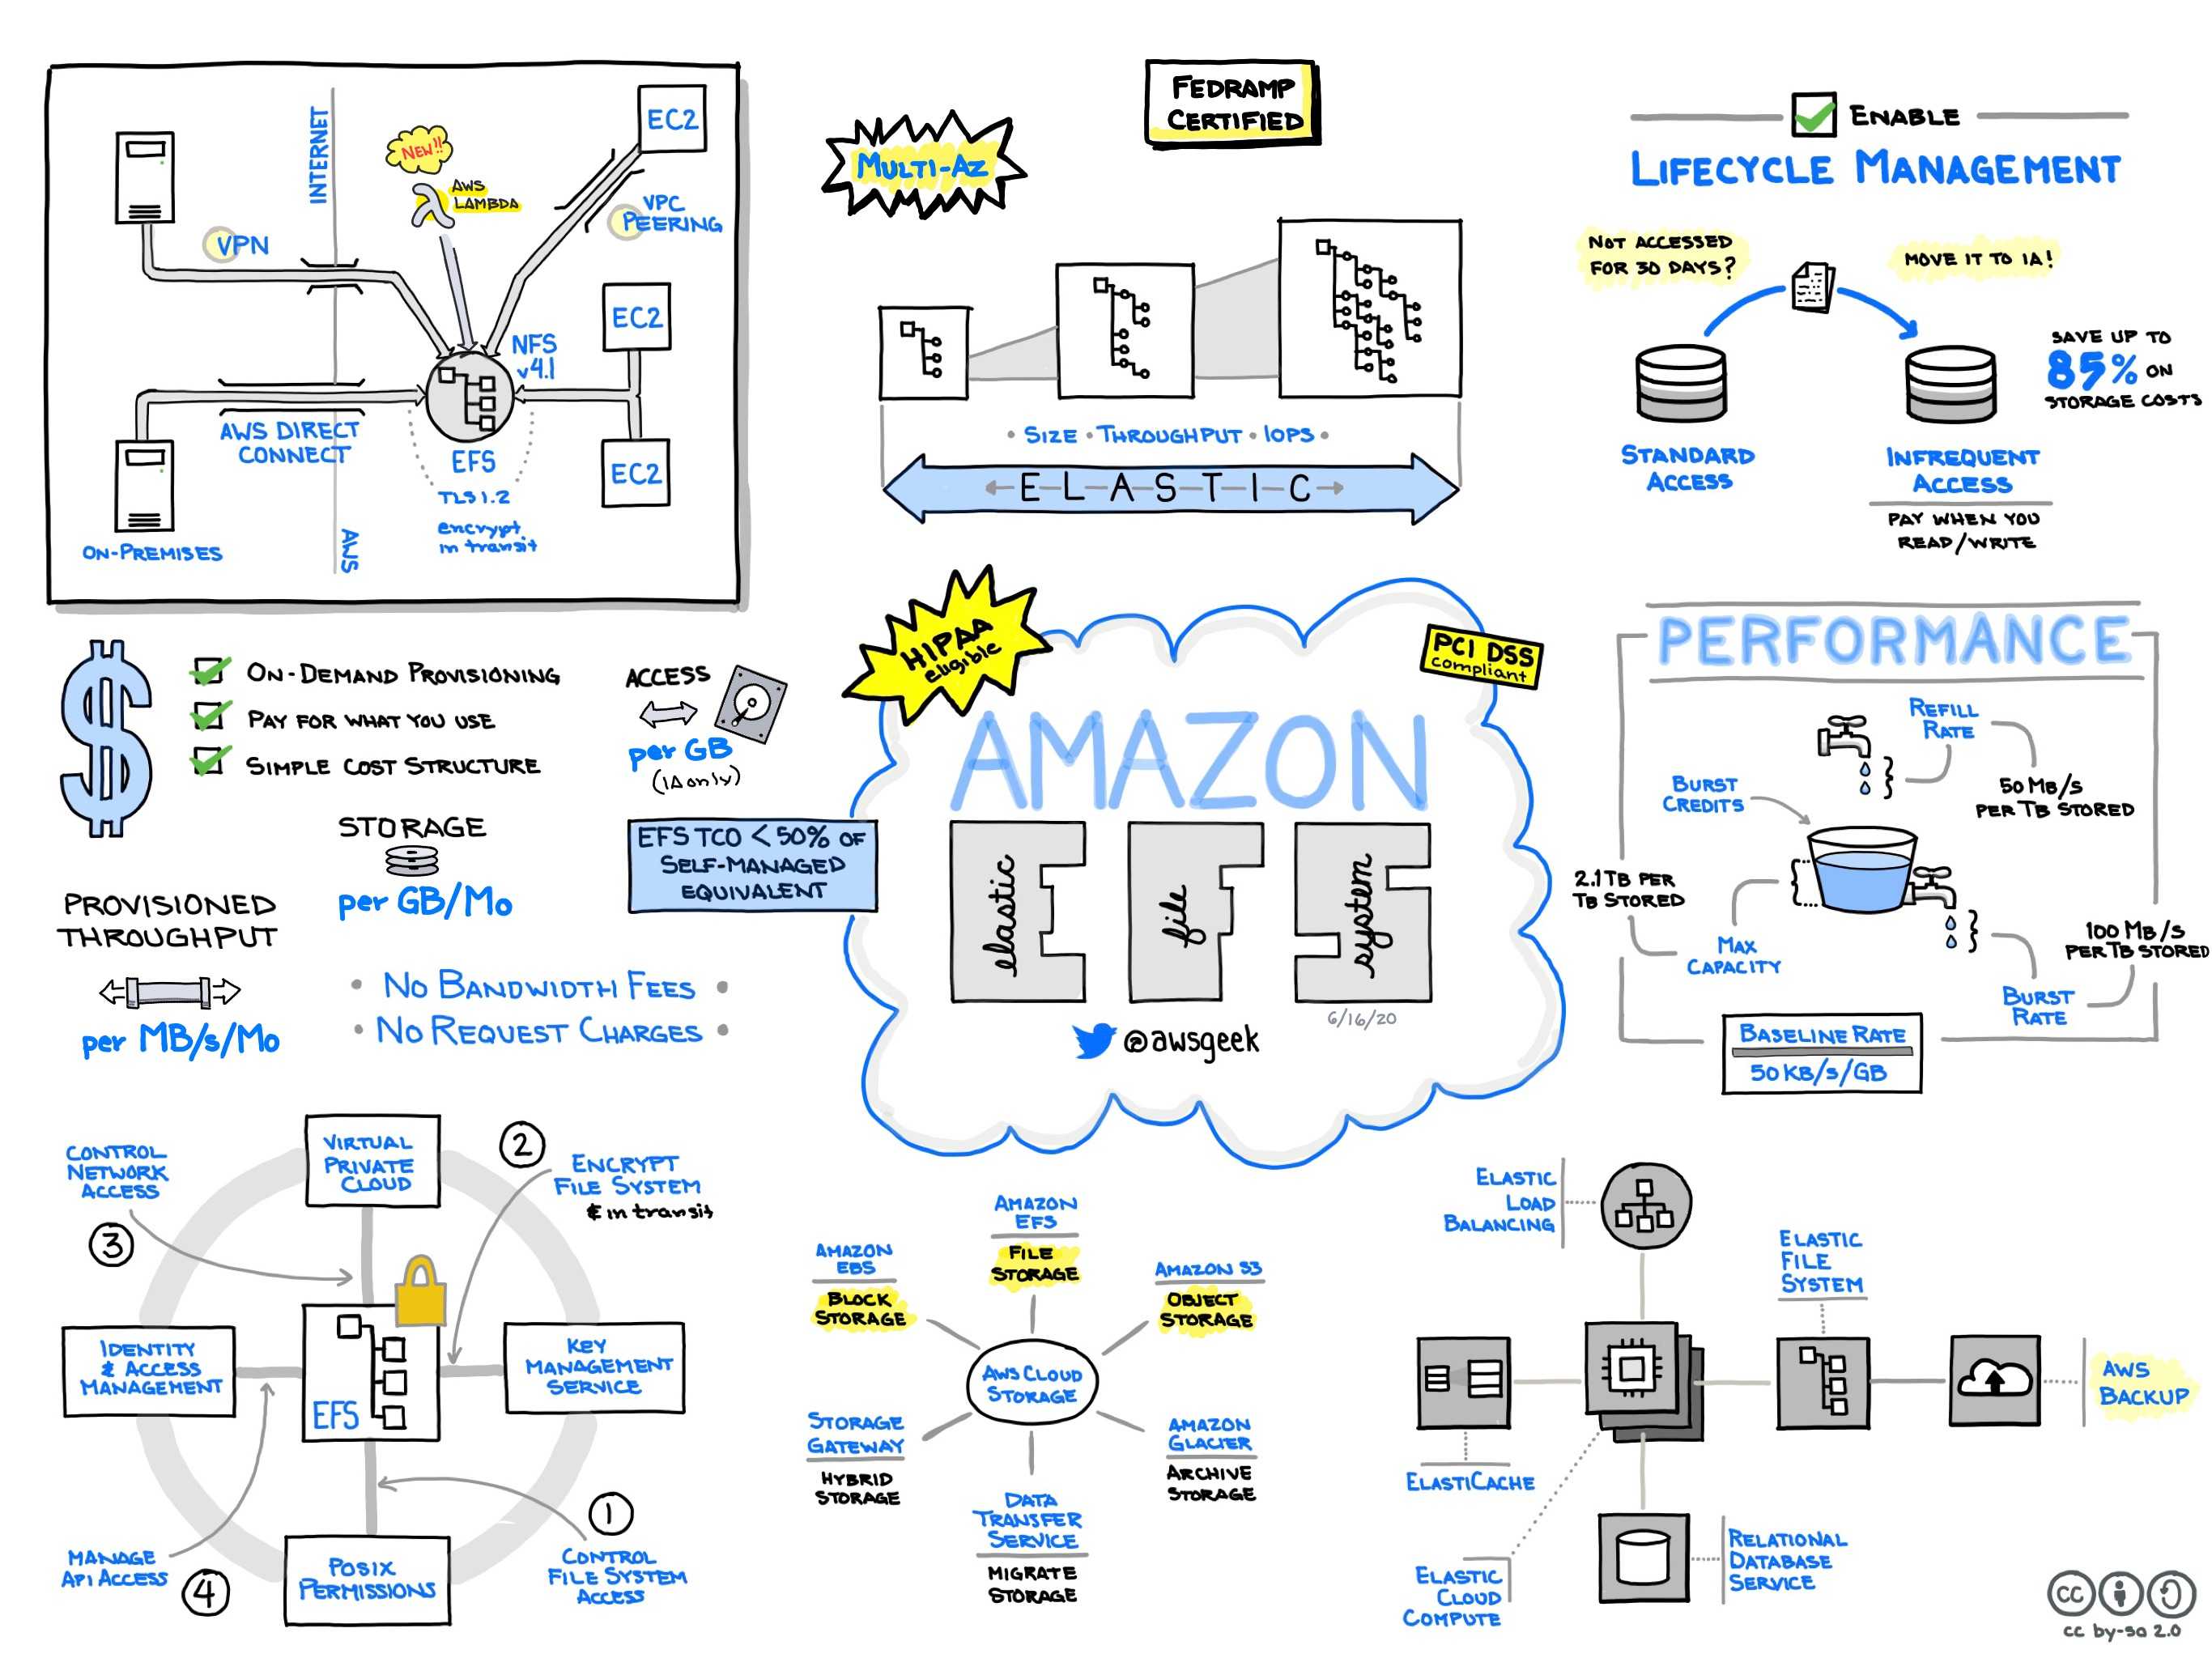 Amazon-EFS.jpg